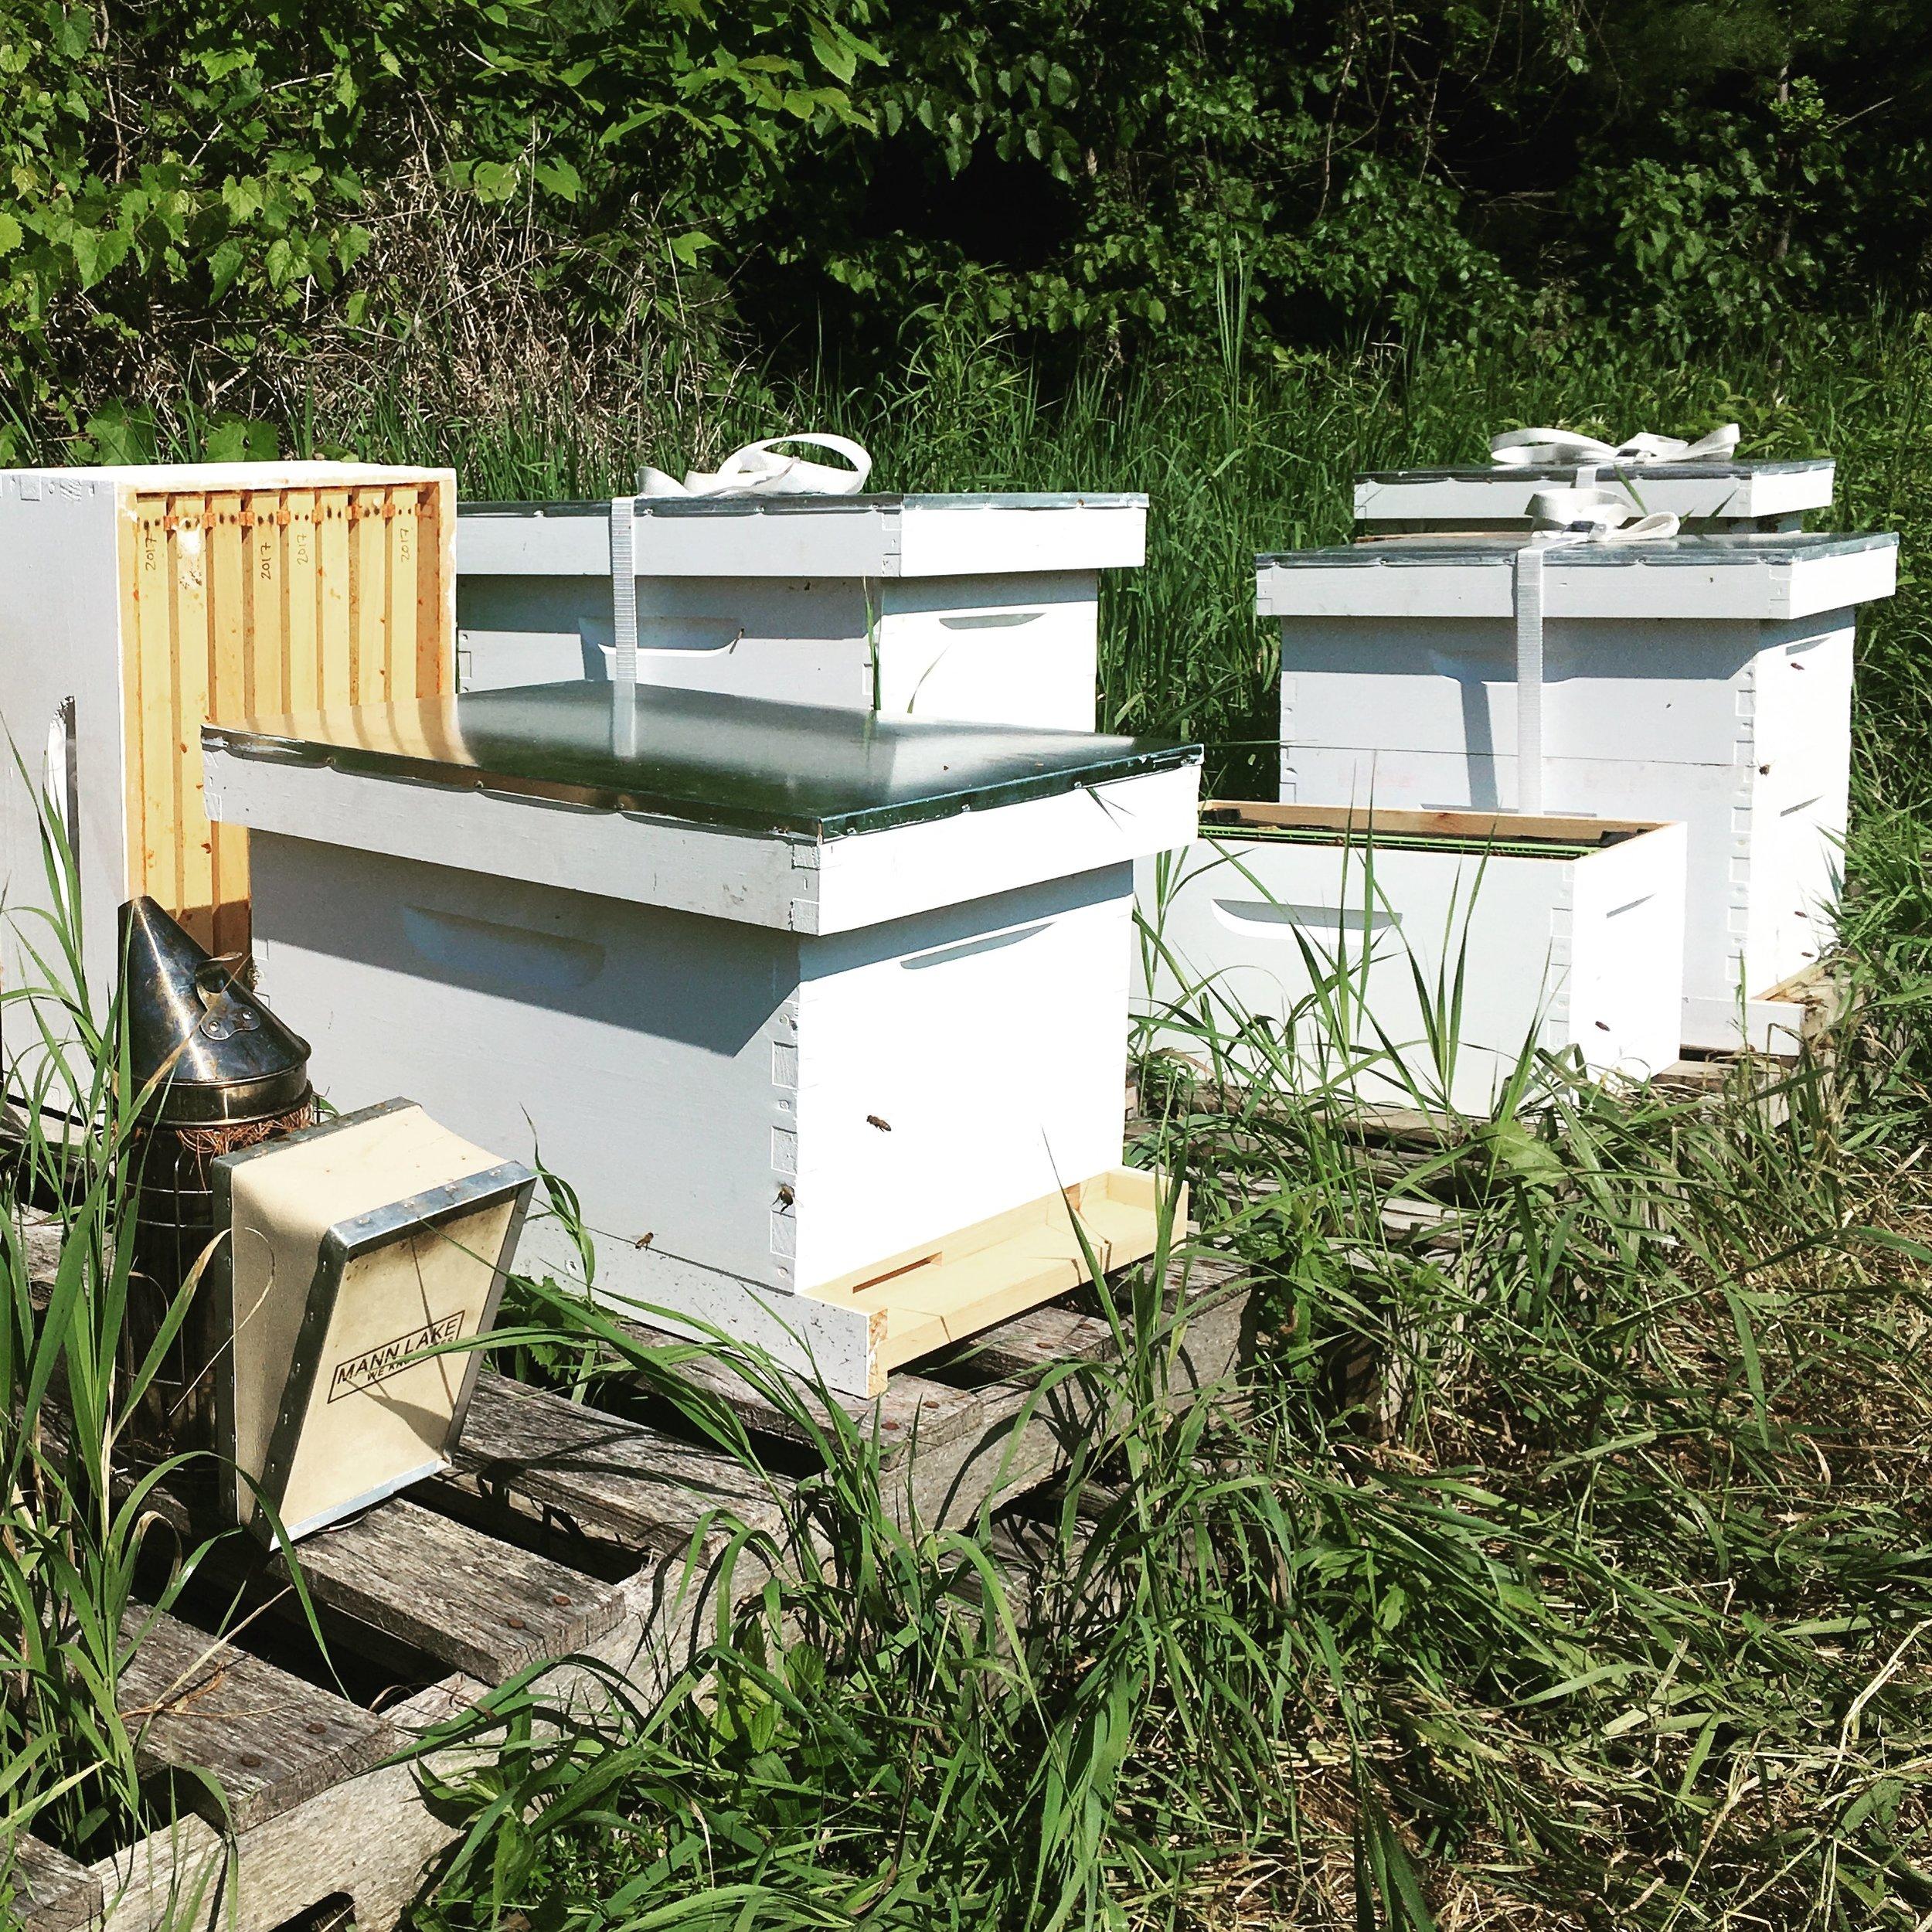 Alchemy Farm apiary